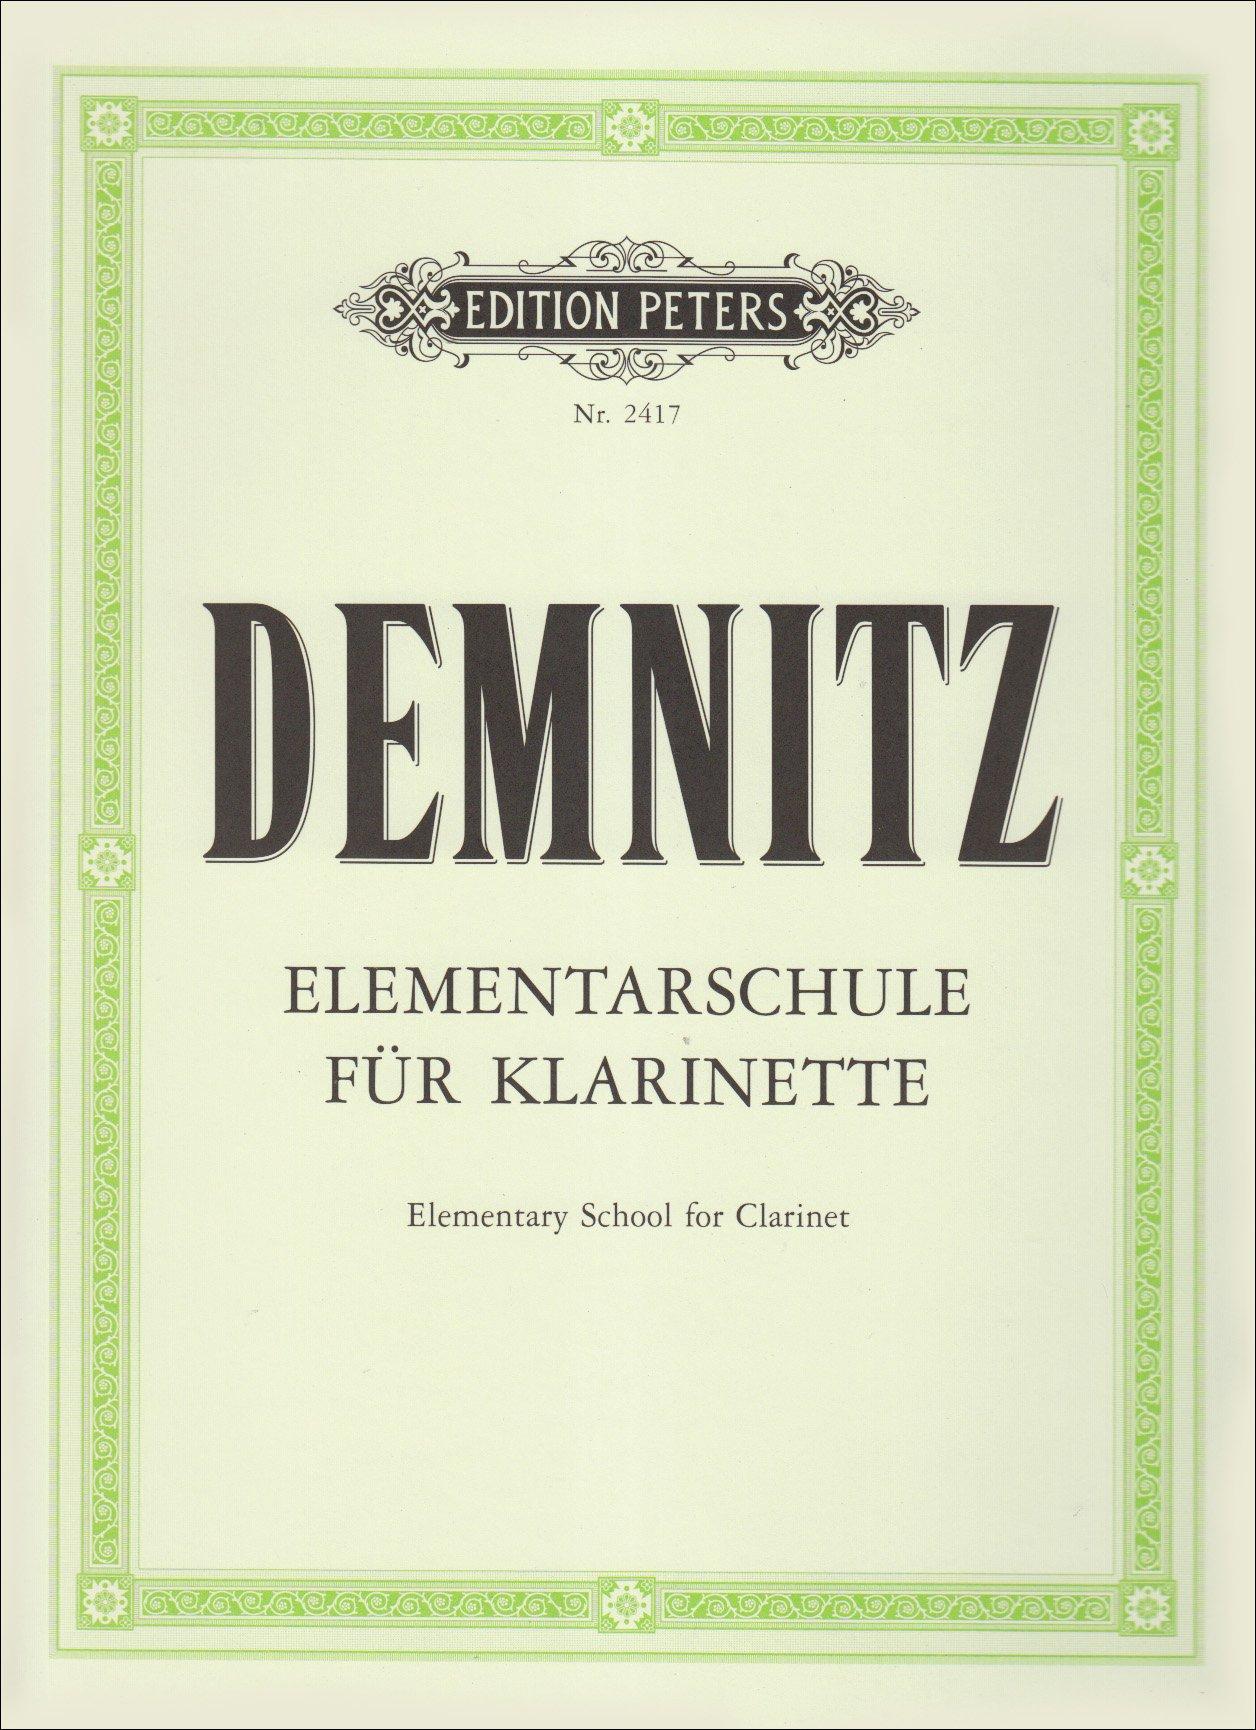 Elementarschule für Klarinette: Elementary School for Clarinet